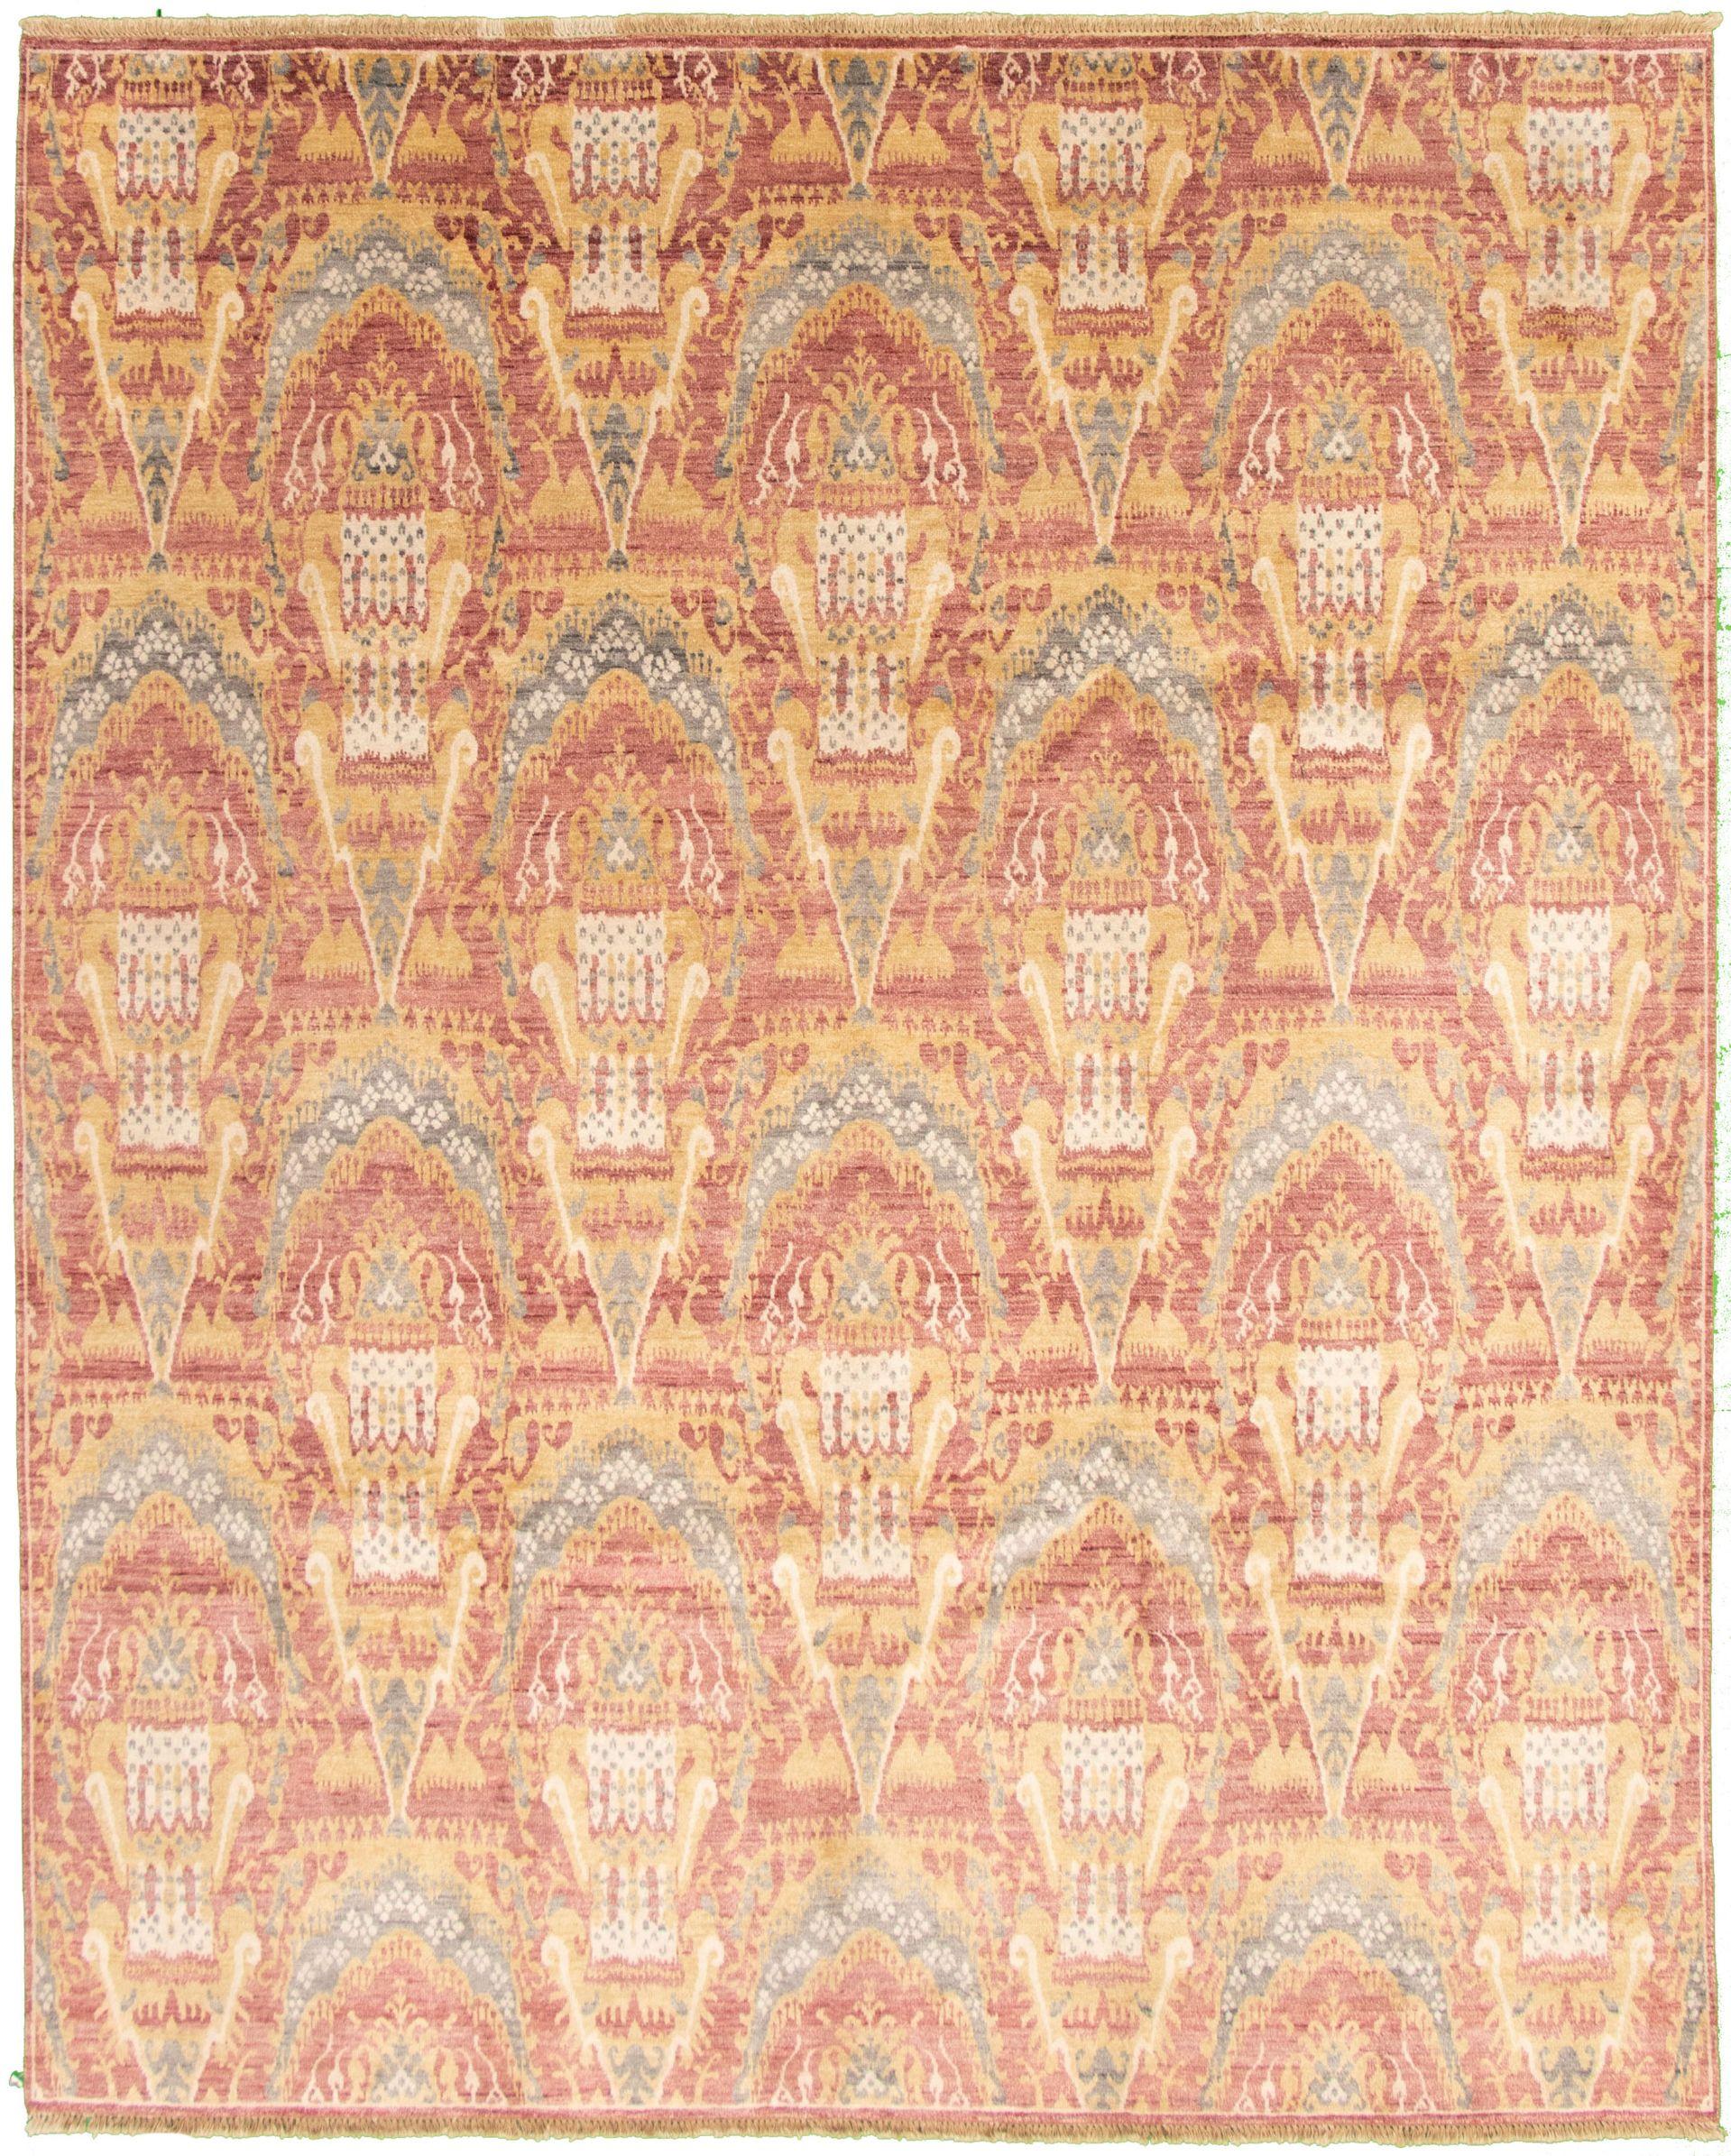 """Hand-knotted Shalimar Dark Red Art Silk Rug 8'0"""" x 10'0""""  Size: 8'0"""" x 10'0"""""""